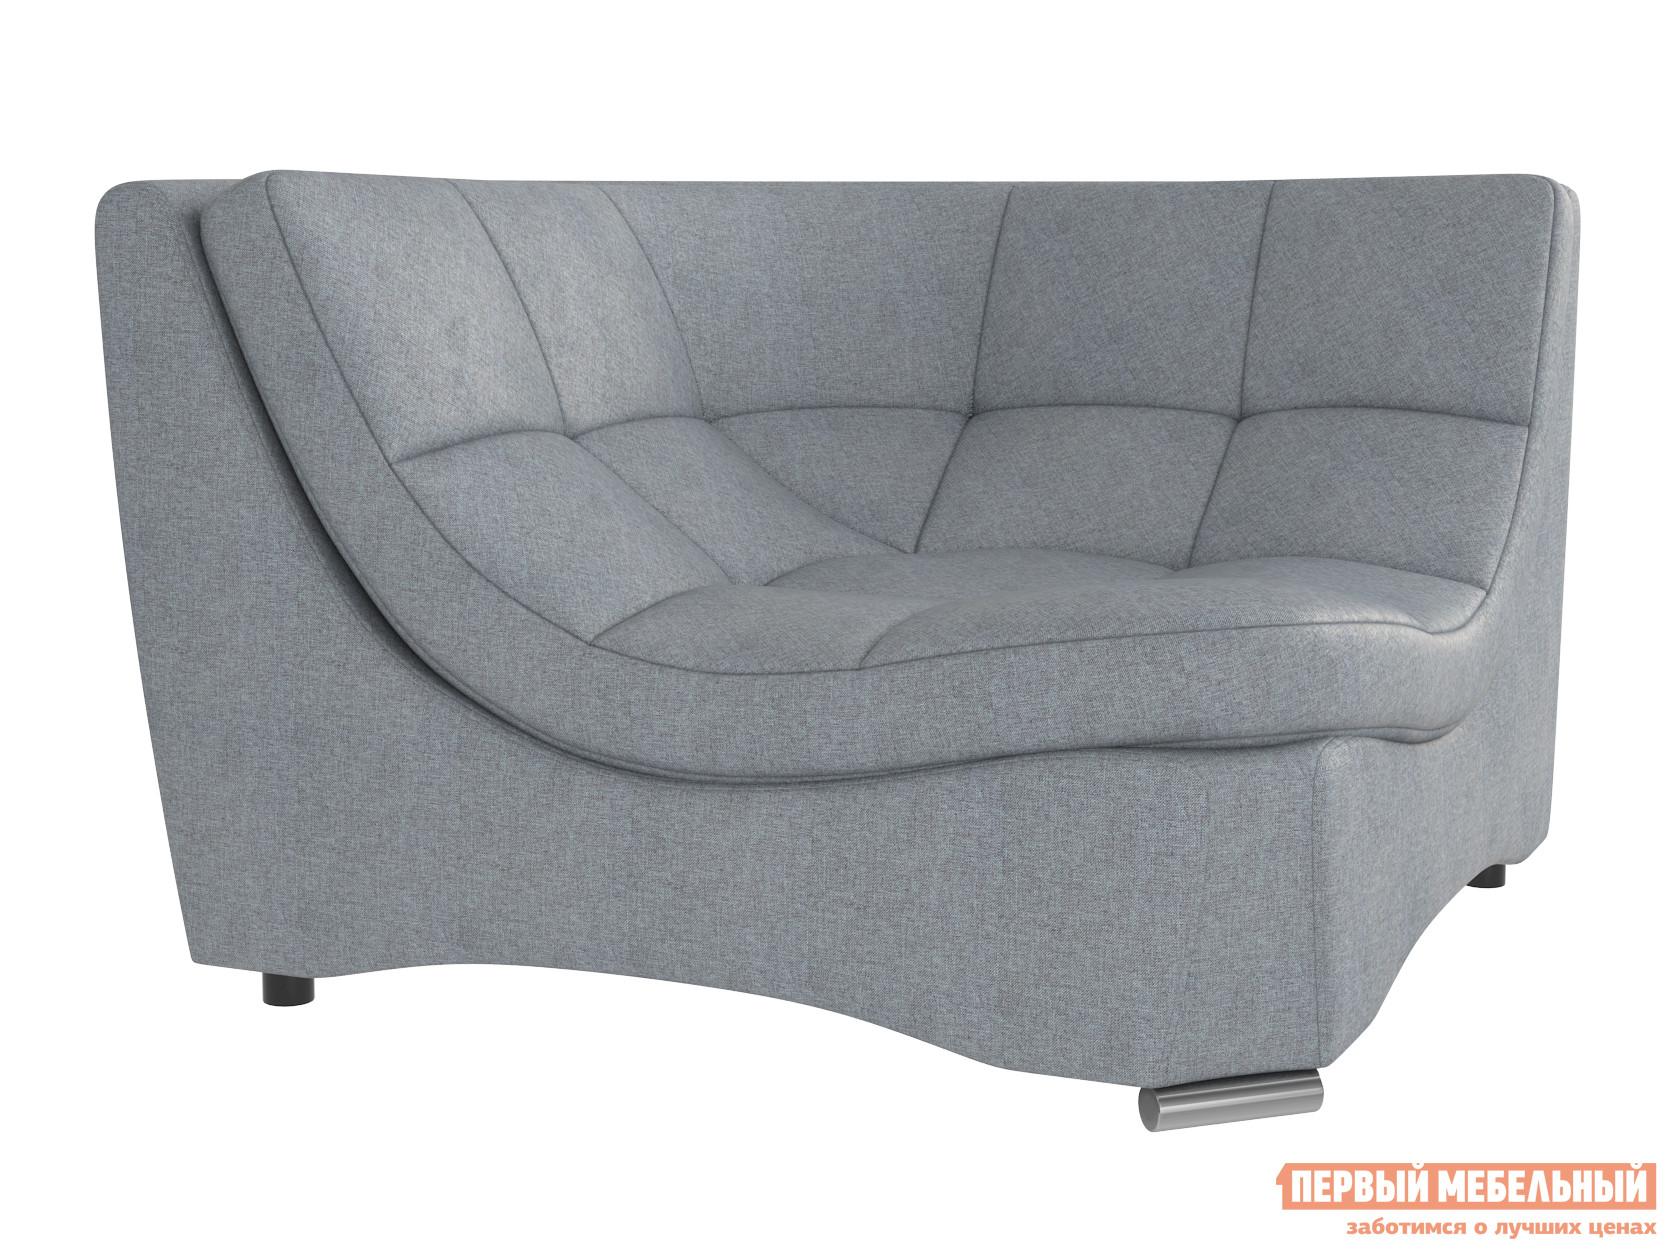 Угловой диван Первый Мебельный Угол Сан-Диего